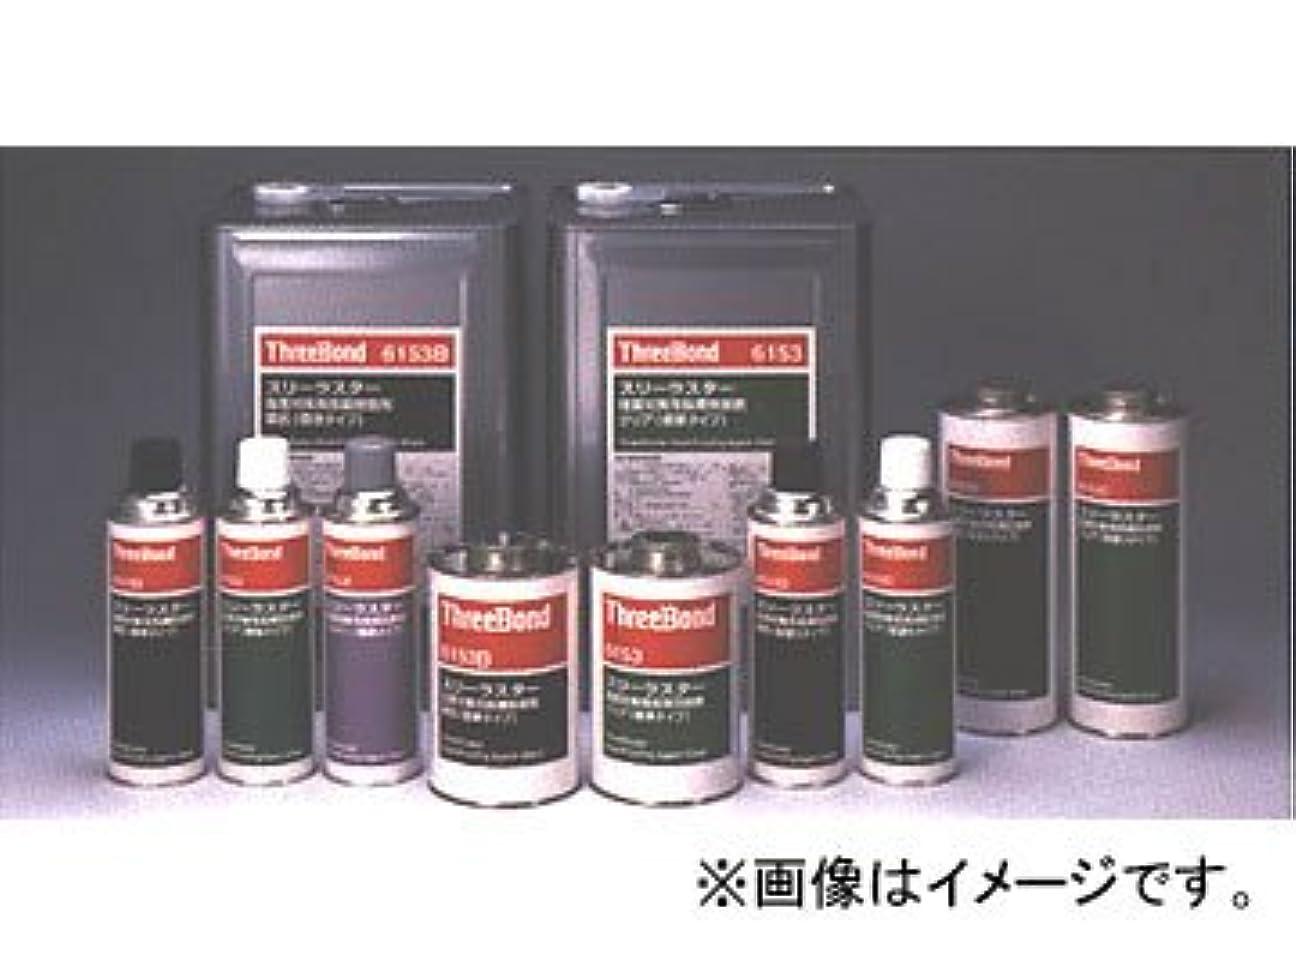 謎肉の常習者タクティー スリーラスター 塩害用長期防錆剤コーティング シルバー 油性 TB6154E 480ml×1本